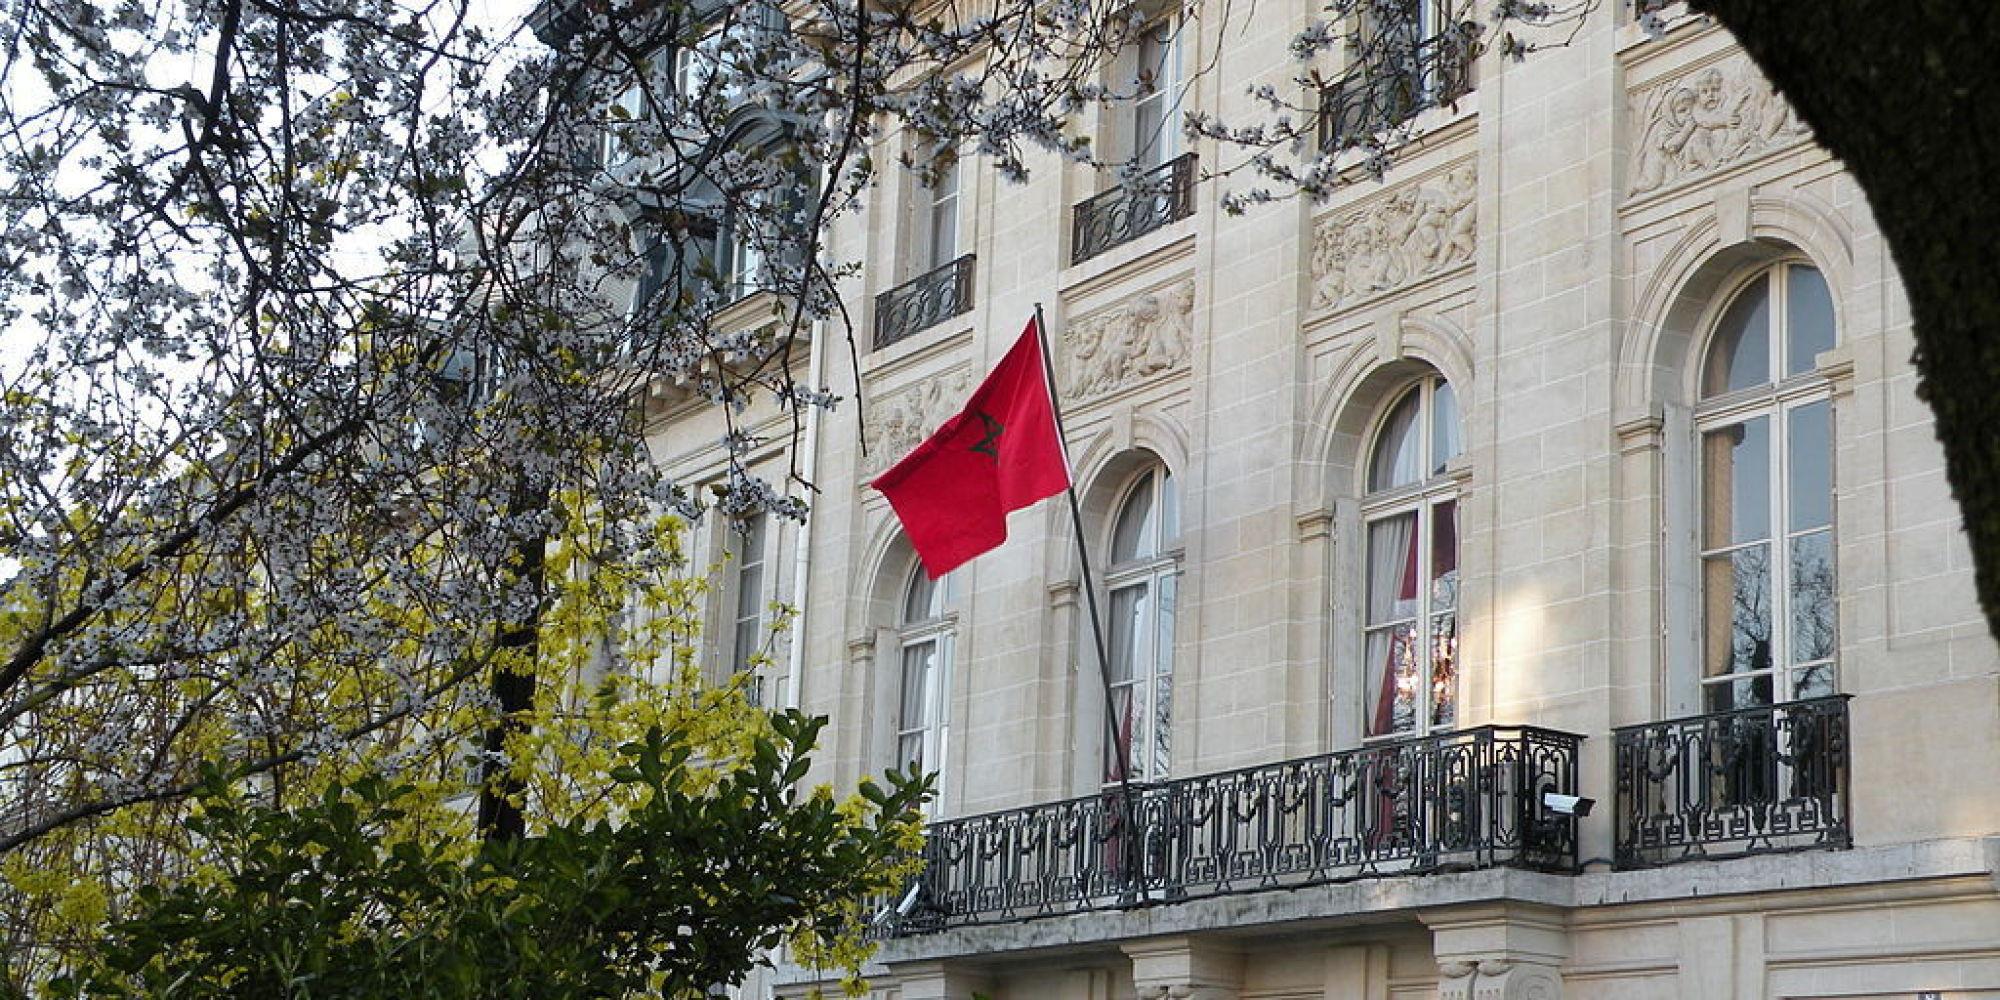 Un rassemblement organis devant l 39 ambassade du maroc paris en soutient aux deux jeunes - Consulat du maroc porte de versailles ...